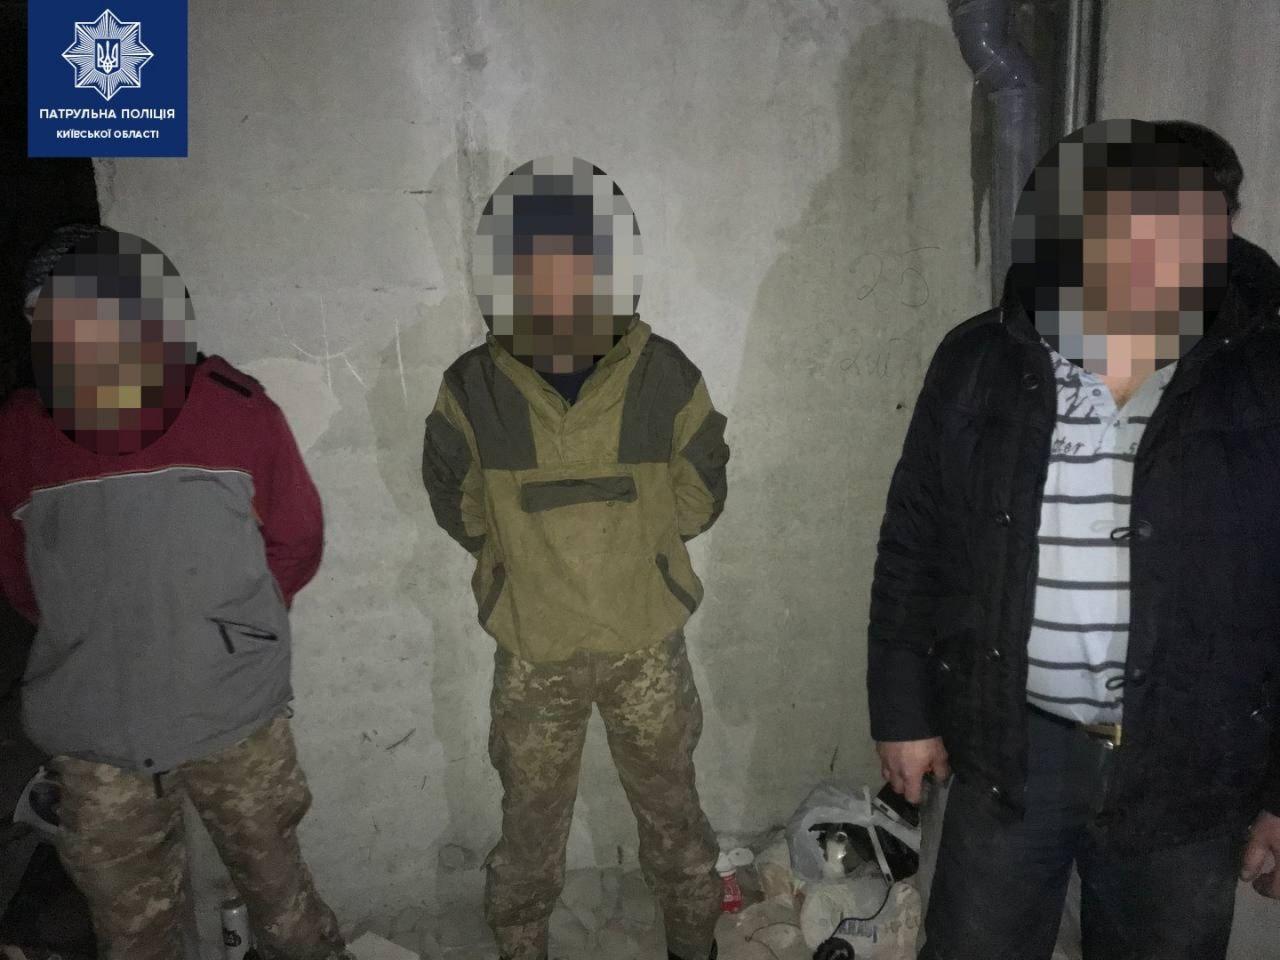 У Чайках затримали трьох крадіїв - с. Чайки, крадіжка, Бучанський район - IMG 20210222 175422 106